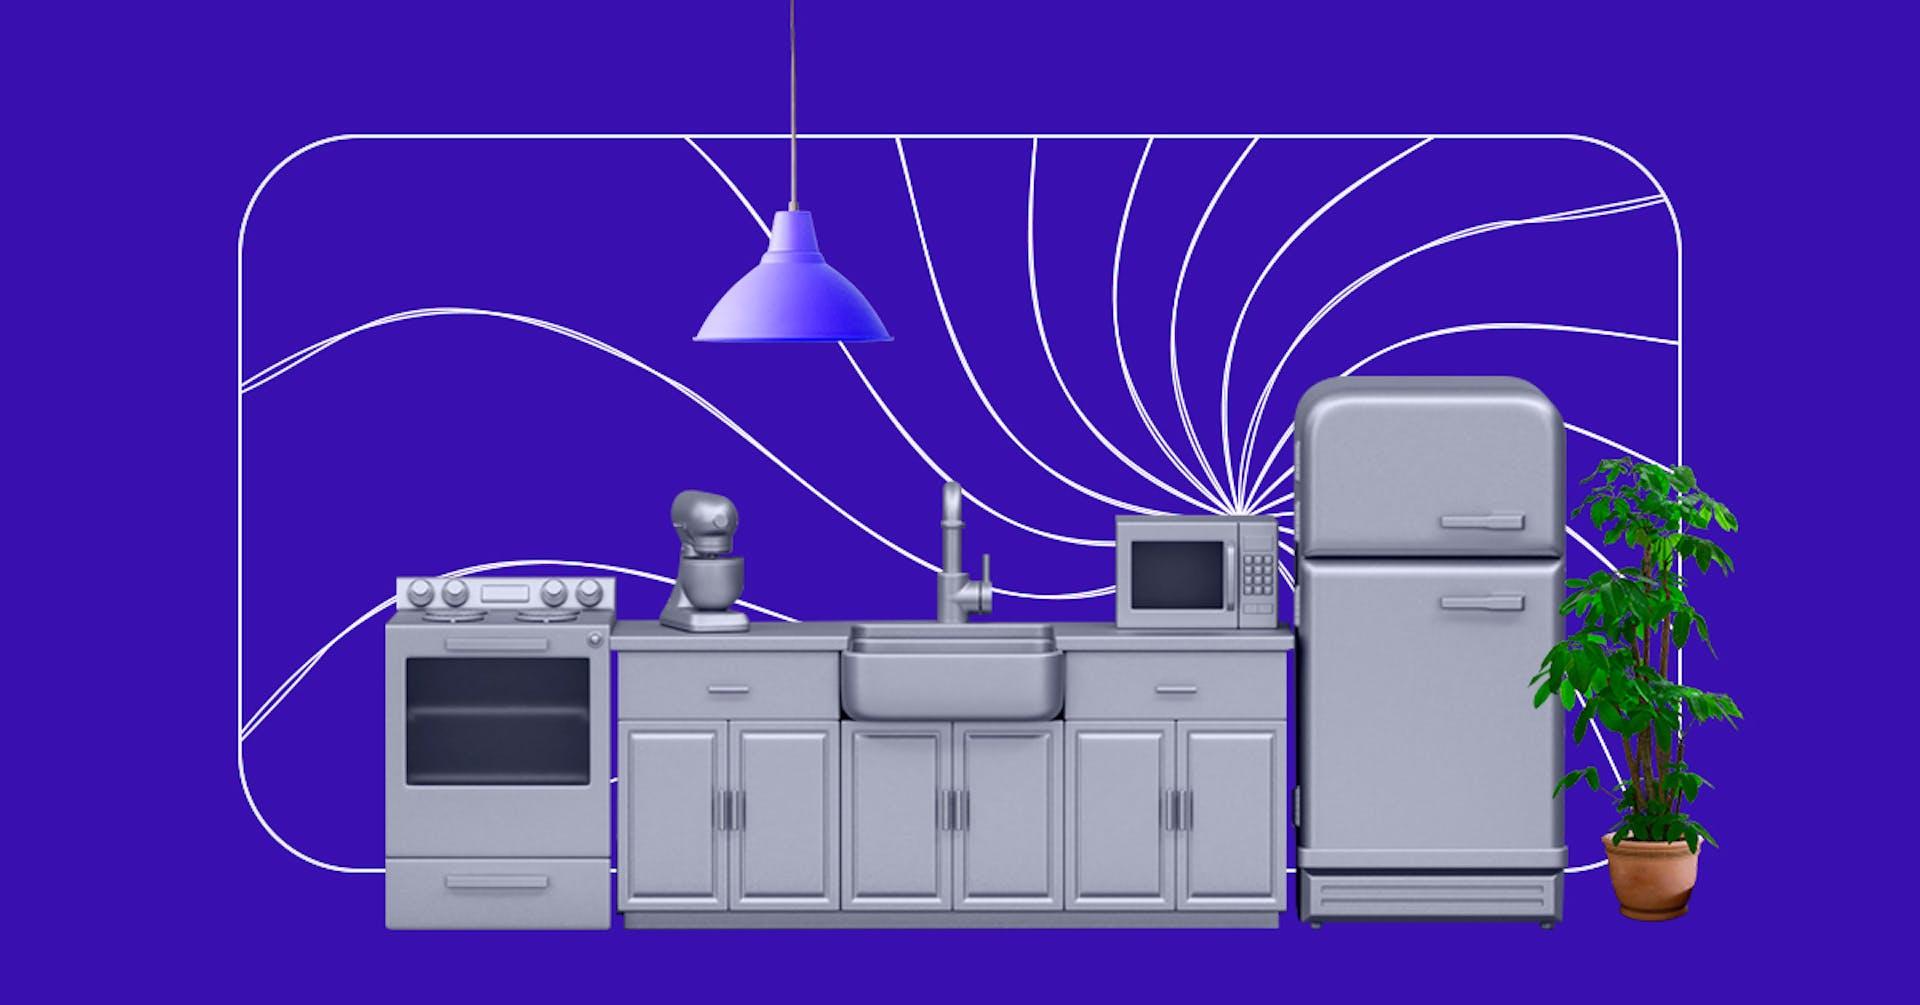 50 ideas y consejos para cocinas pequeñas cómodas y funcionales